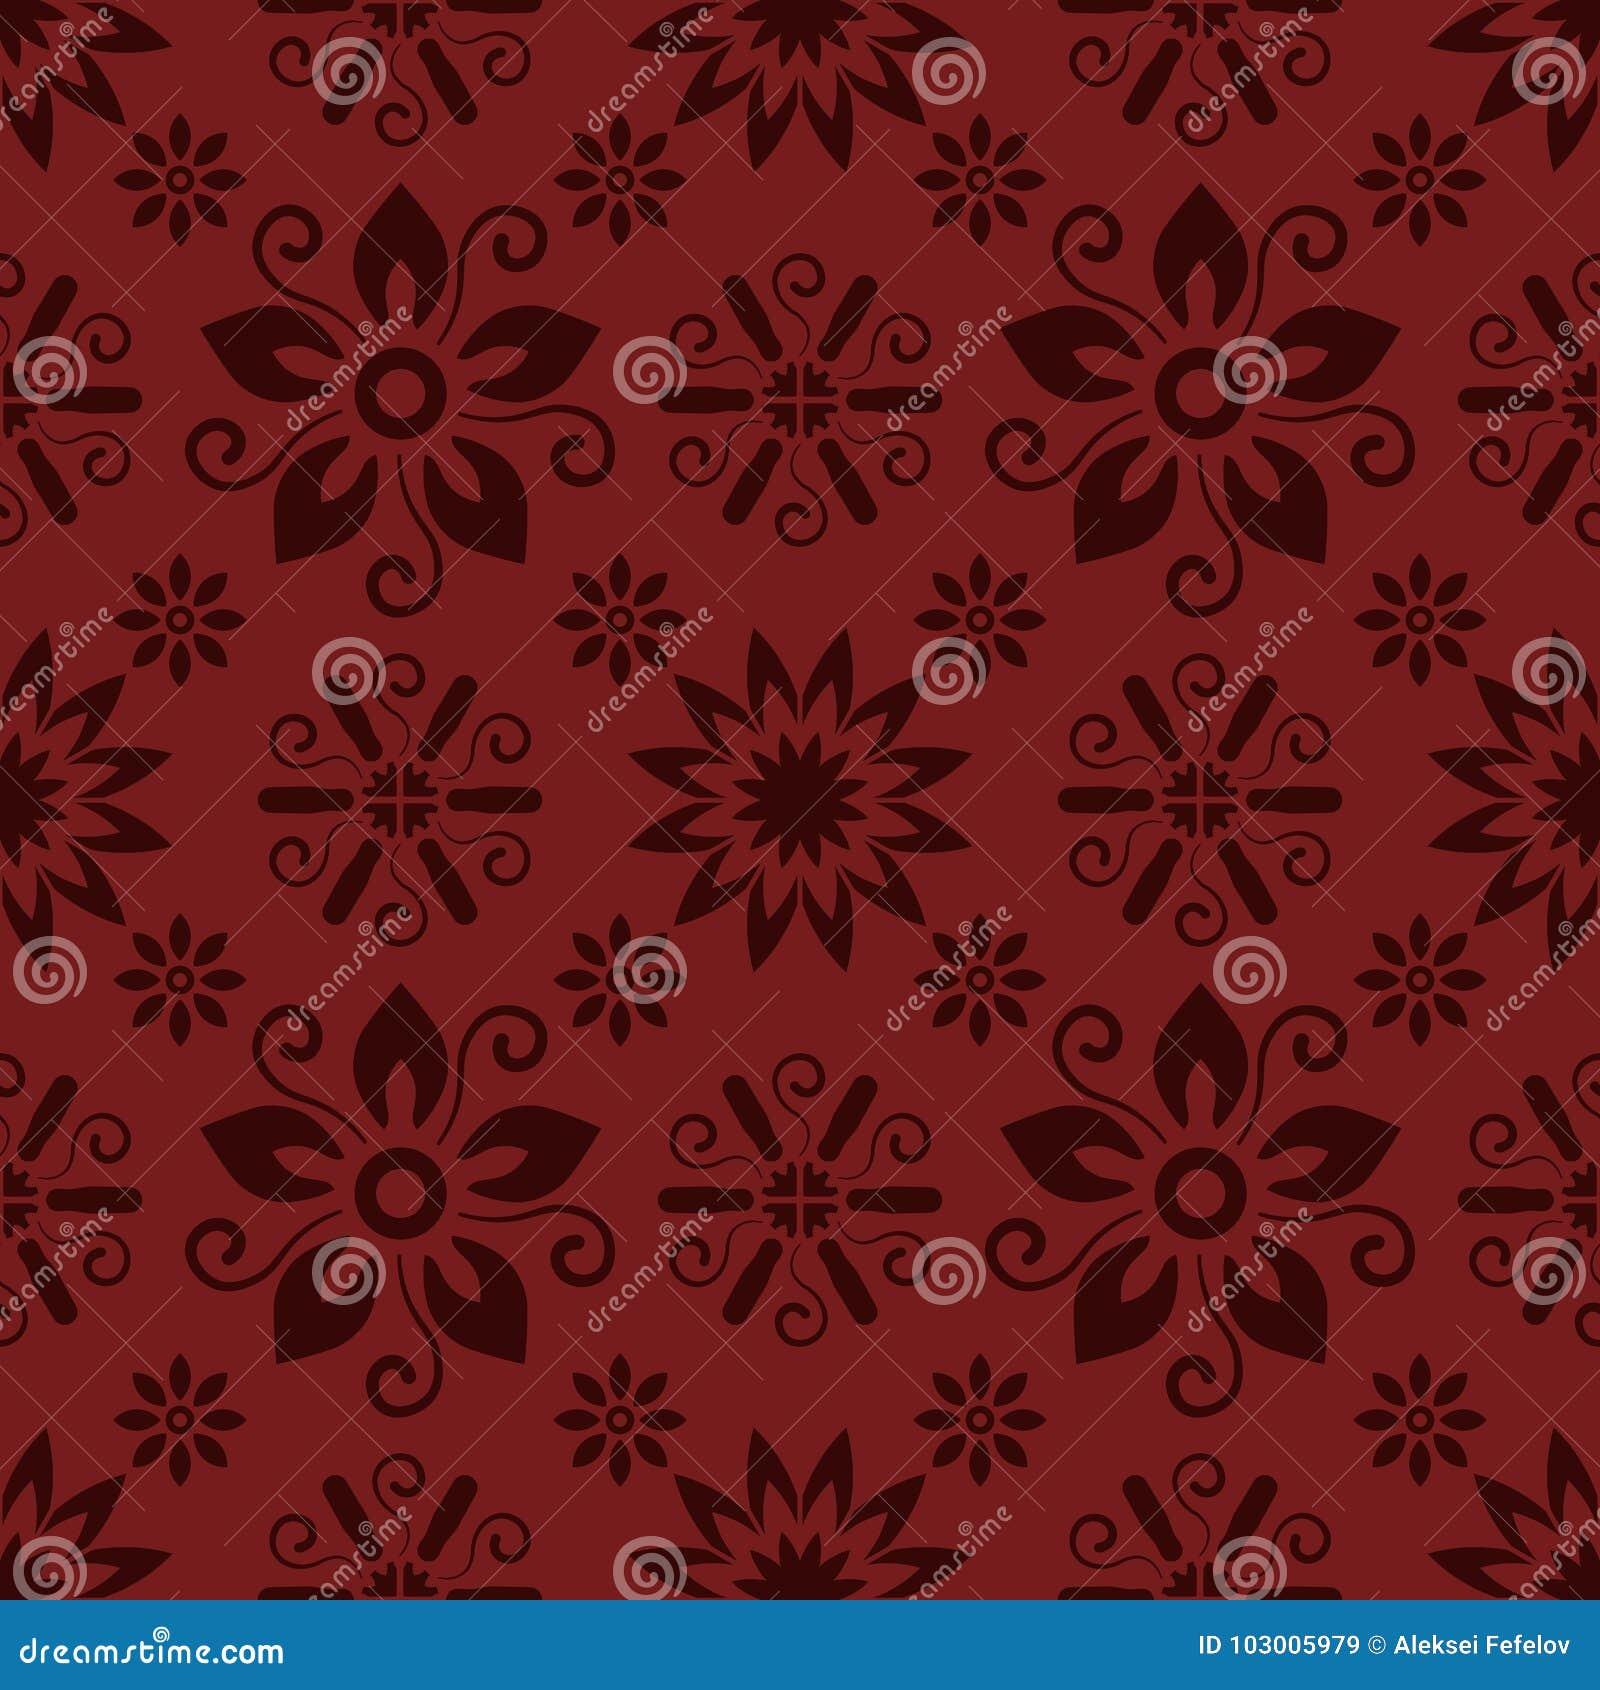 Άνευ ραφής κόκκινο floral σχέδιο, διάνυσμα Η ατελείωτη σύσταση μπορεί να χρησιμοποιηθεί για την ταπετσαρία, το σχέδιο γεμίζει, υπ